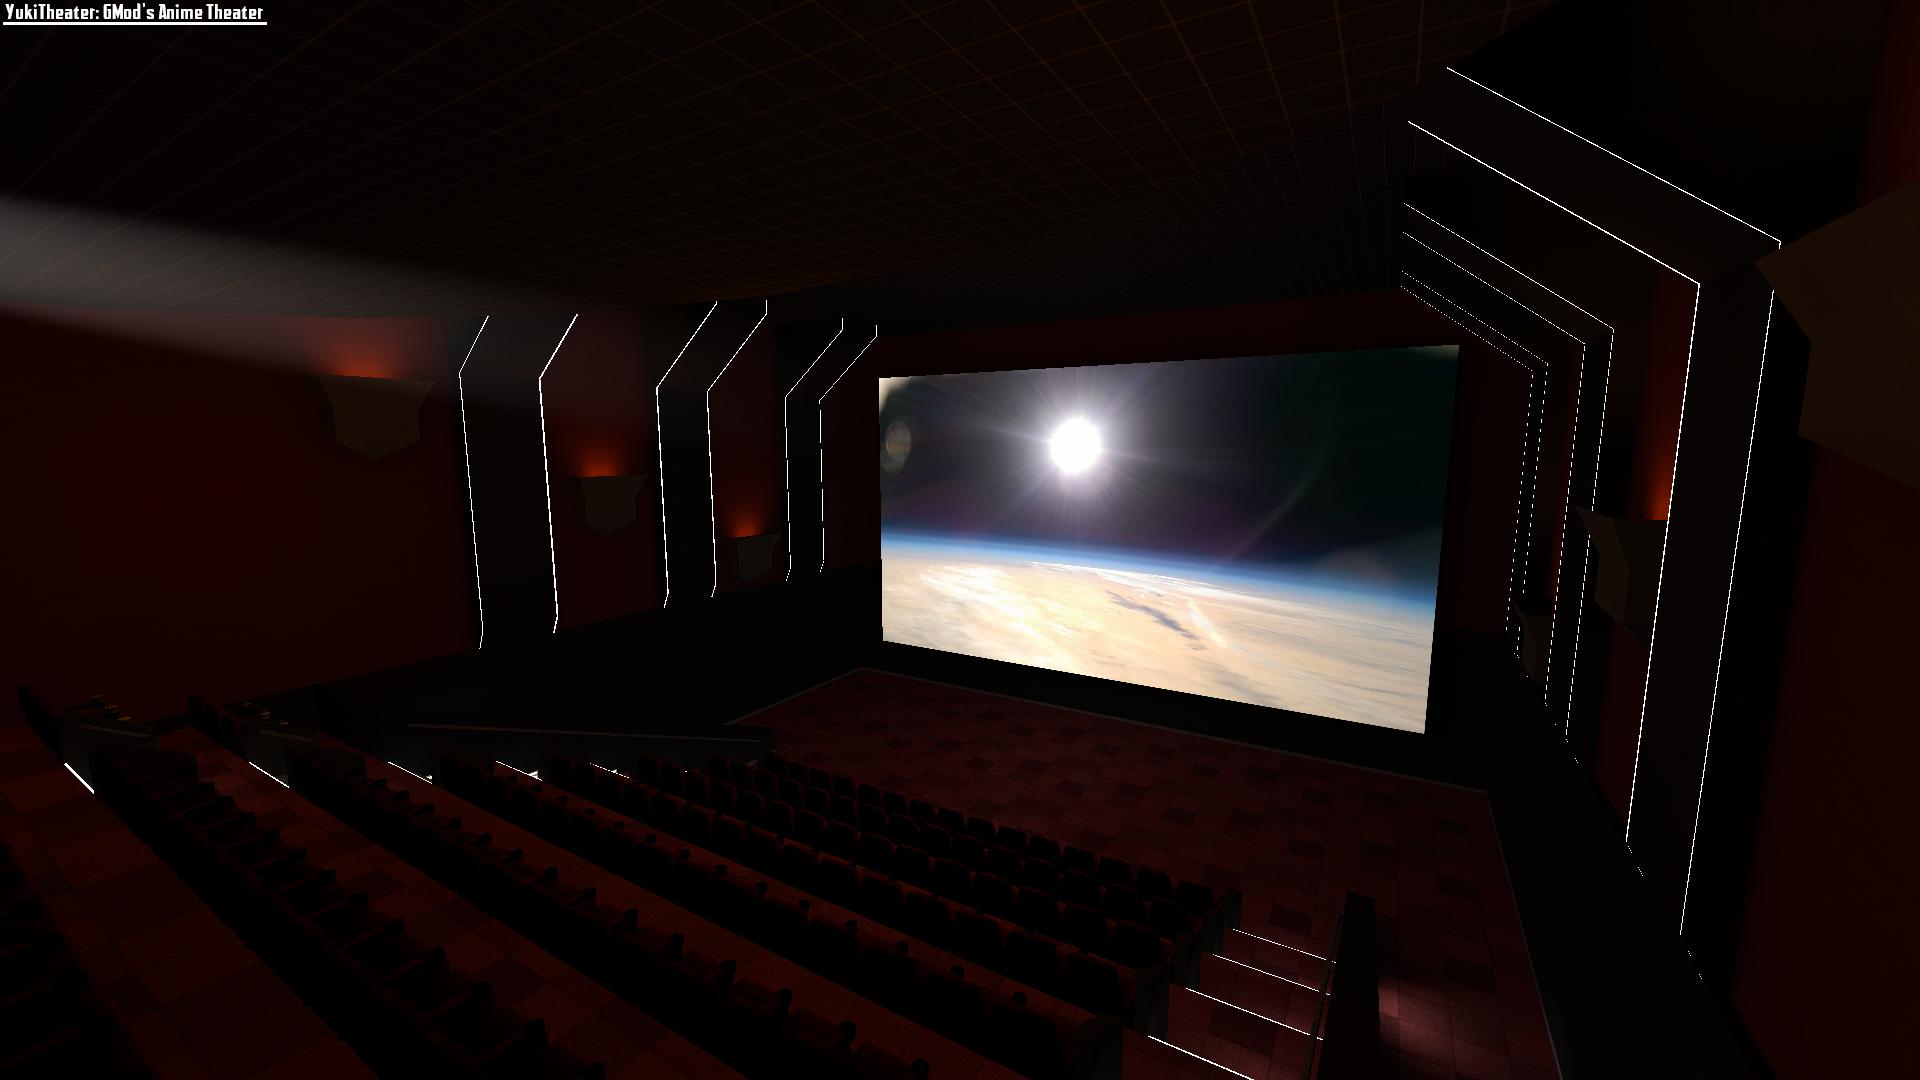 YukiTheater: GMod's Anime Theater